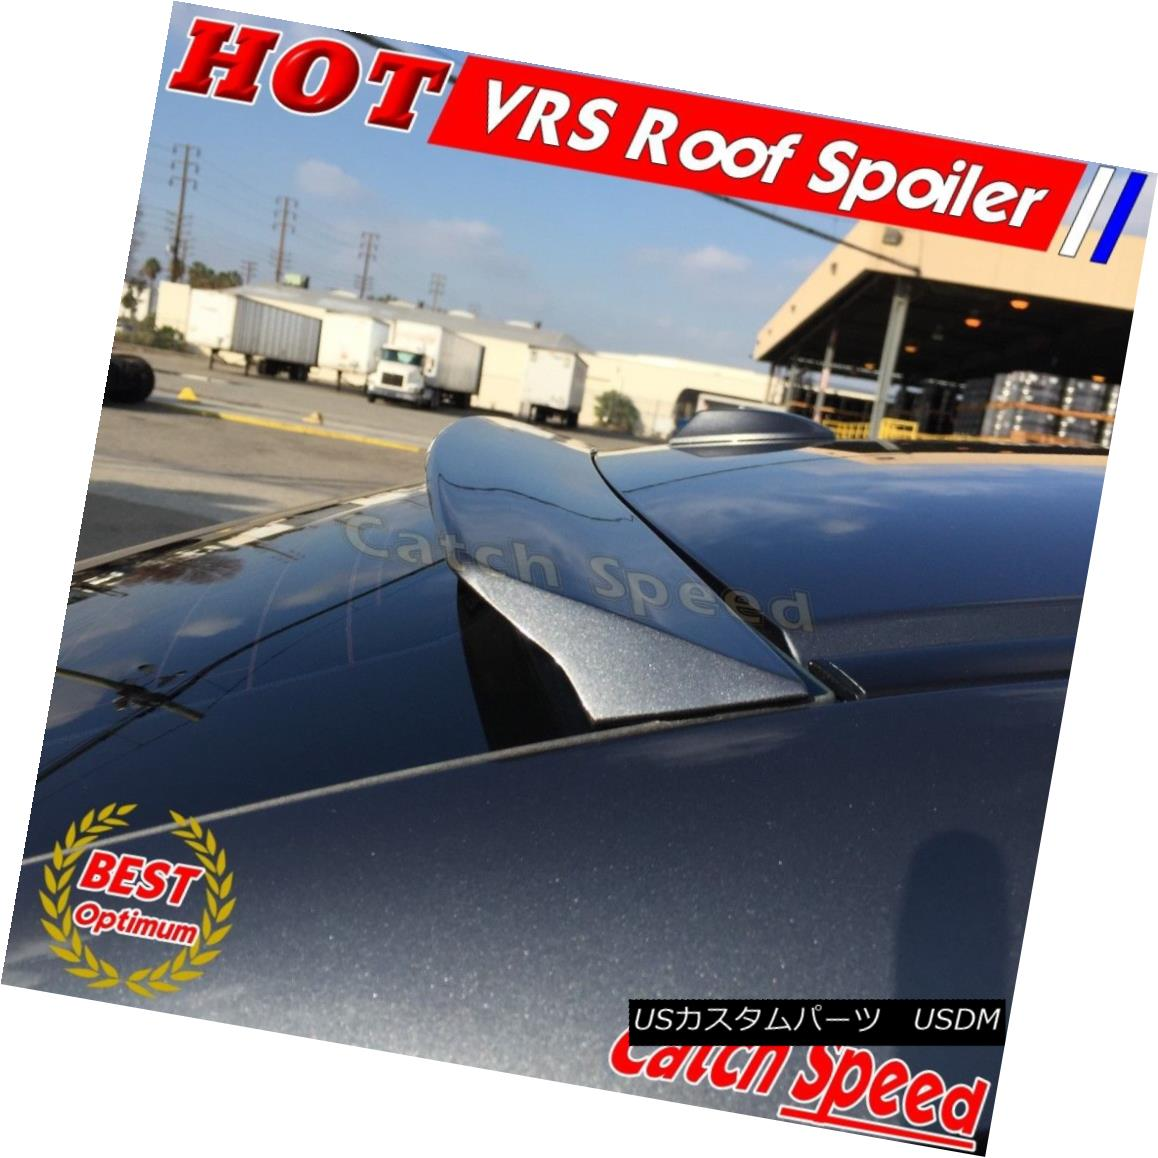 エアロパーツ Painted VRS Type Rear Roof Spoiler Wing For NISSAN TEANA II J32 2009-14 Sedan 日産TEANA II用VRSタイプリアルーフスポイラーウイングJ32 2009-14セダン